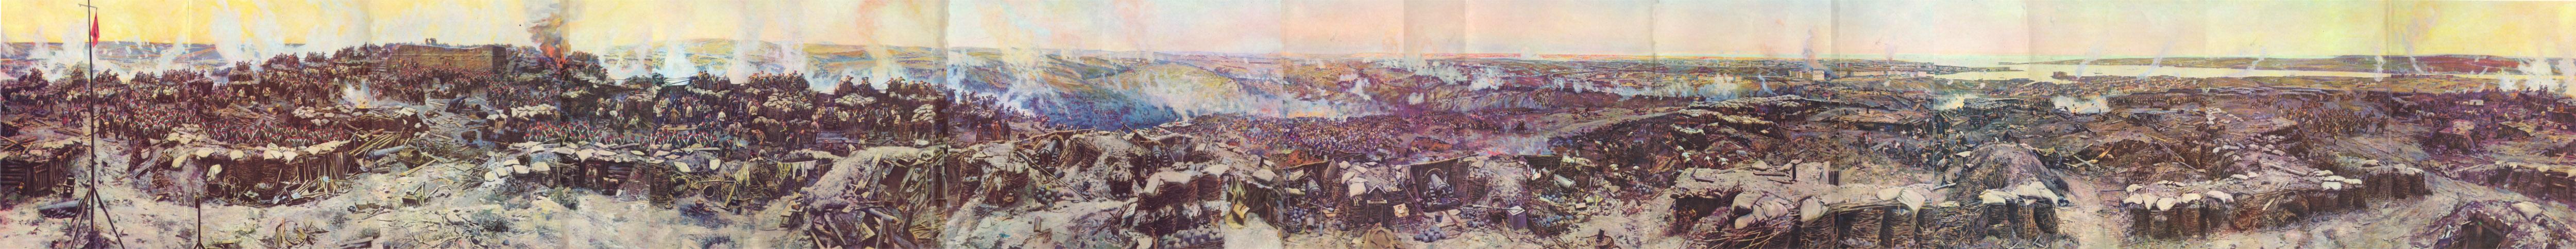 Была на панораме Обороны Севастополя...  Ммм..Еще была в Ханском дворце в Бахчисарая.  Но тут, в отличии от...